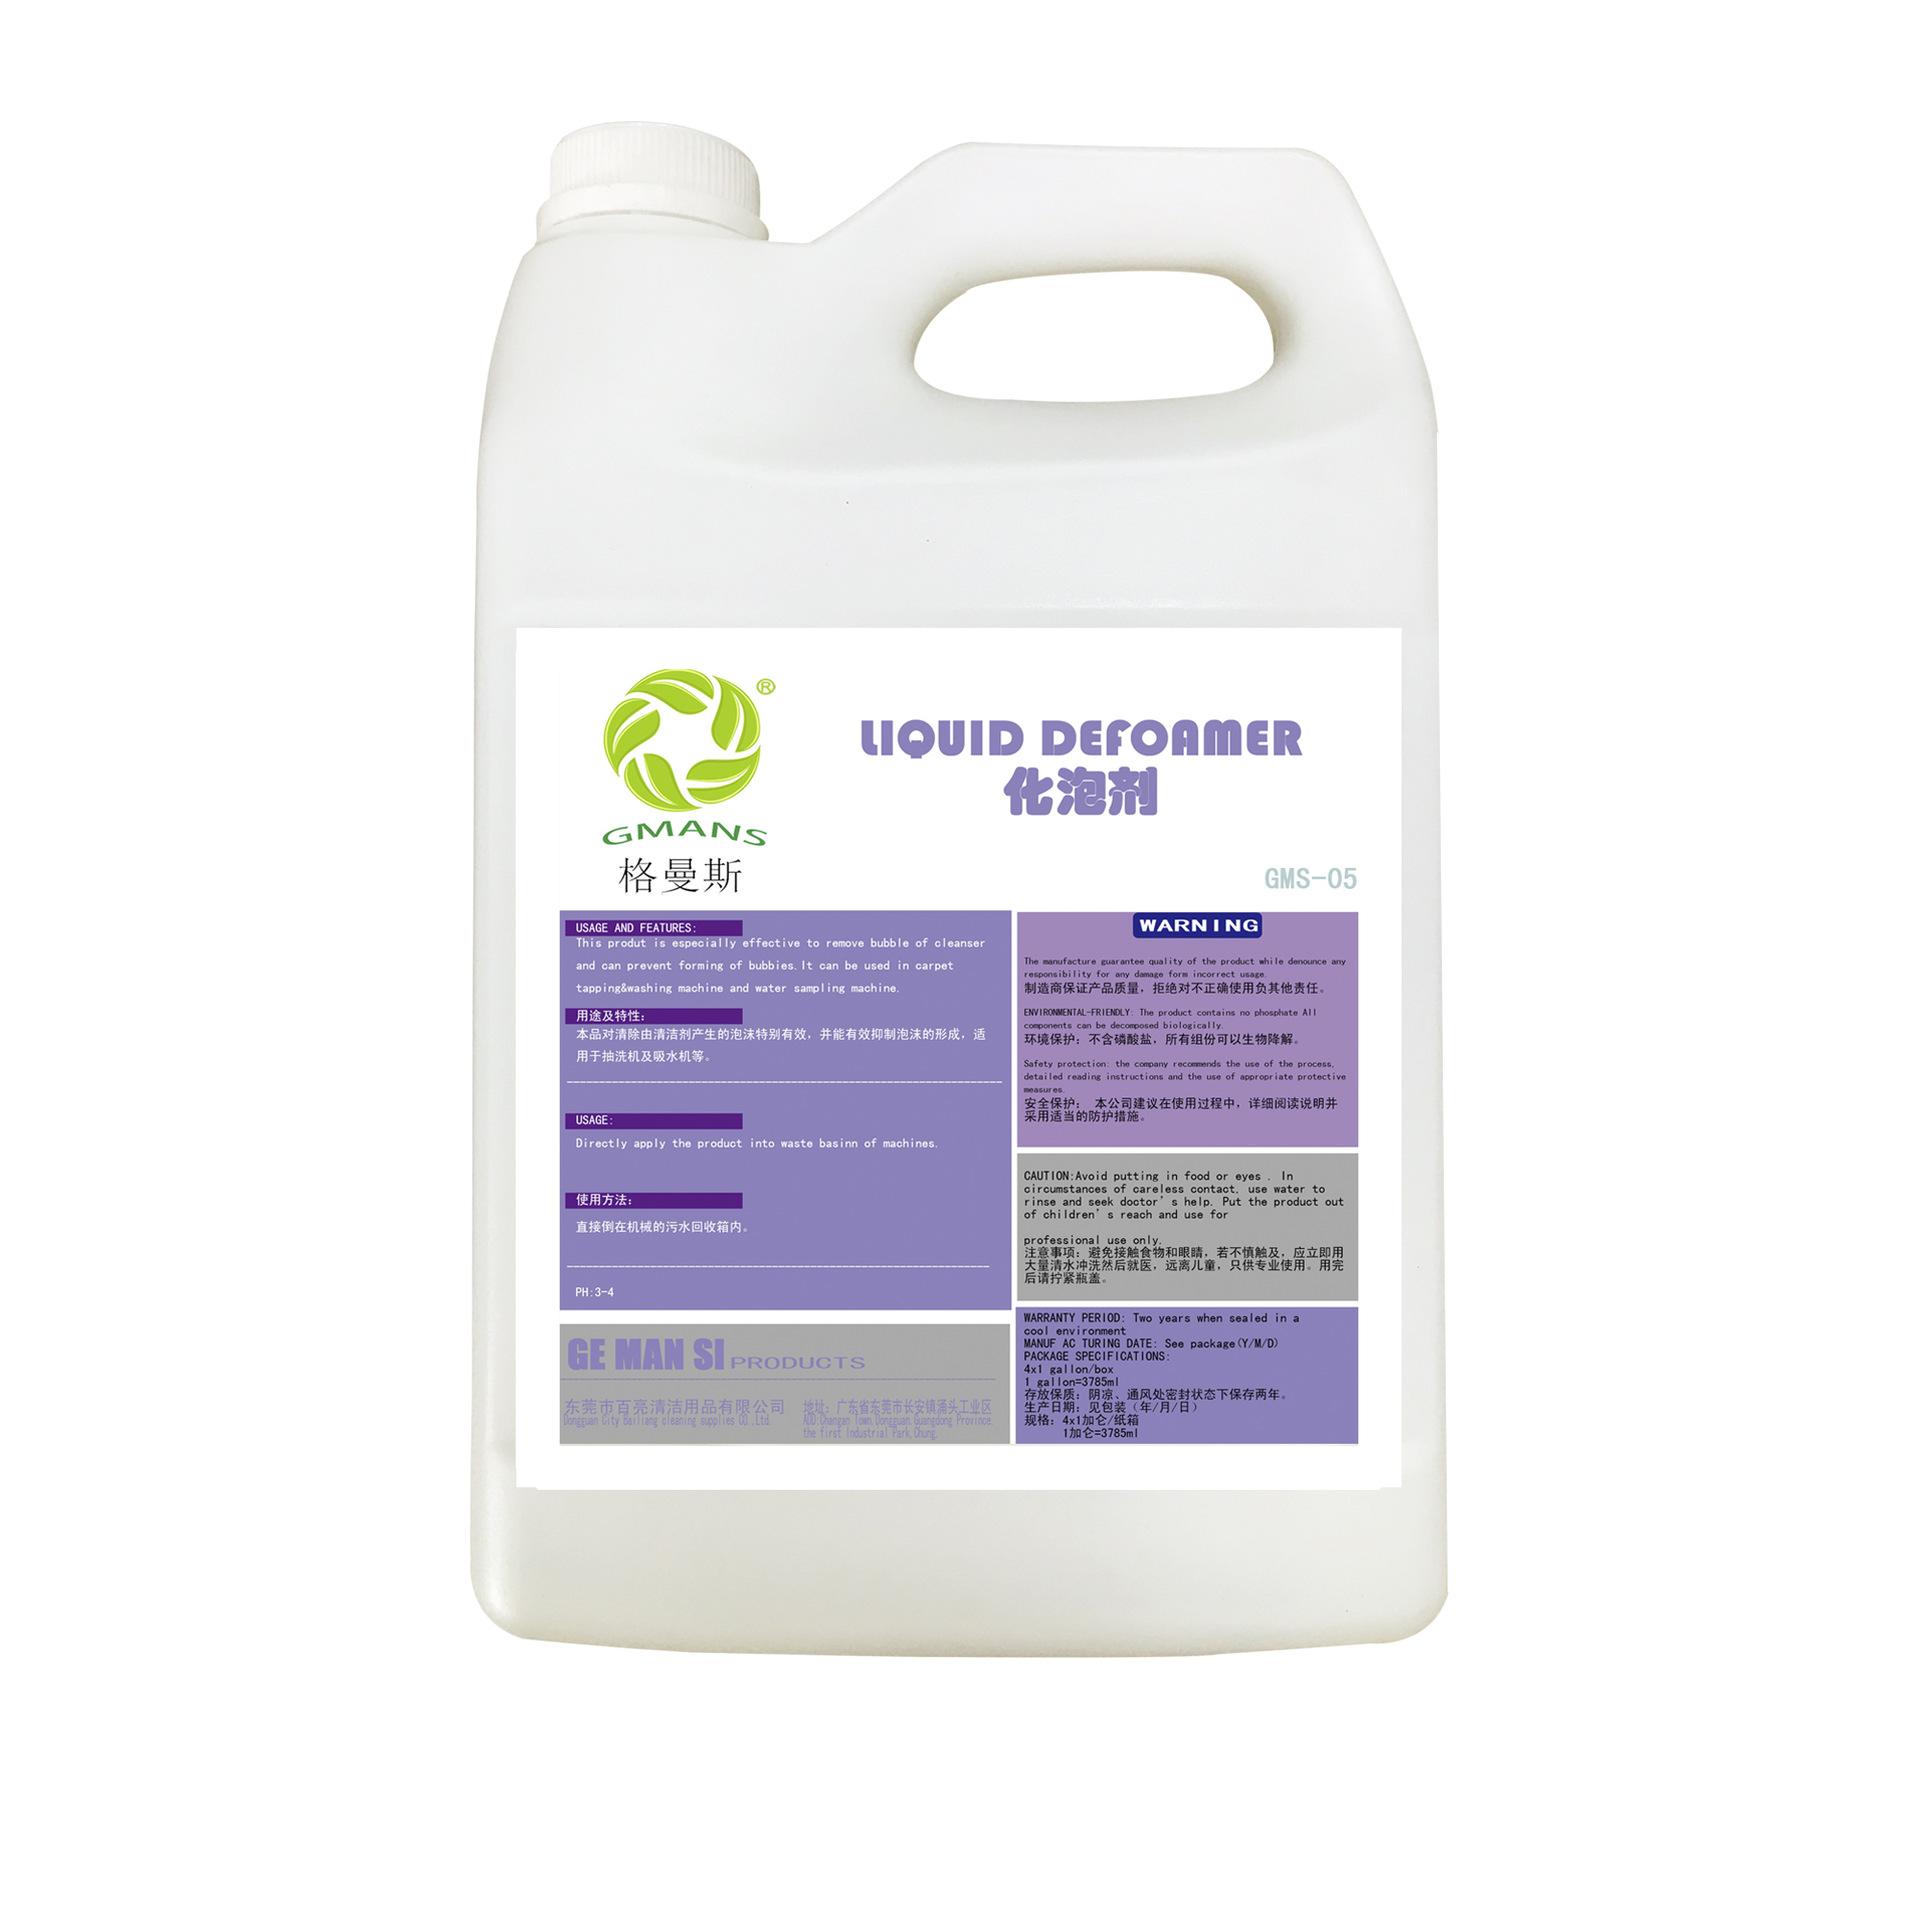 格曼斯牌快速消泡剂 消泡王液体清洁剂酒店污水用工业地毯化泡剂